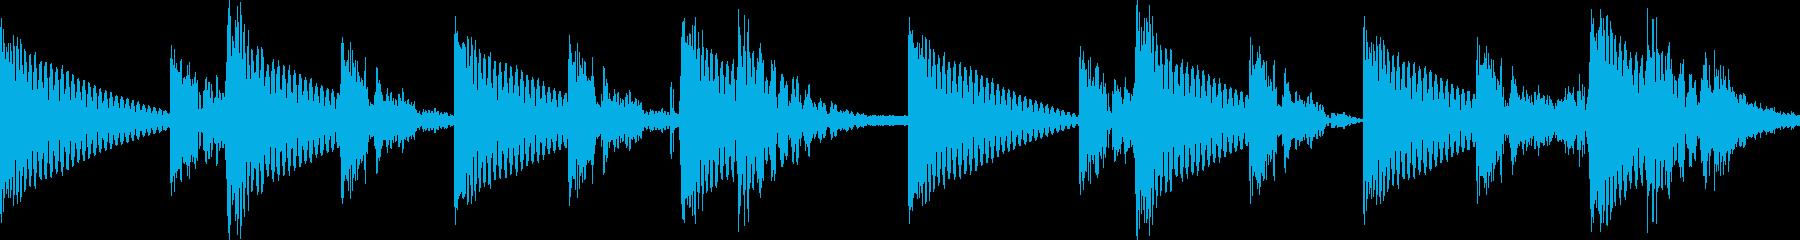 BPM128EDMリズムループの再生済みの波形